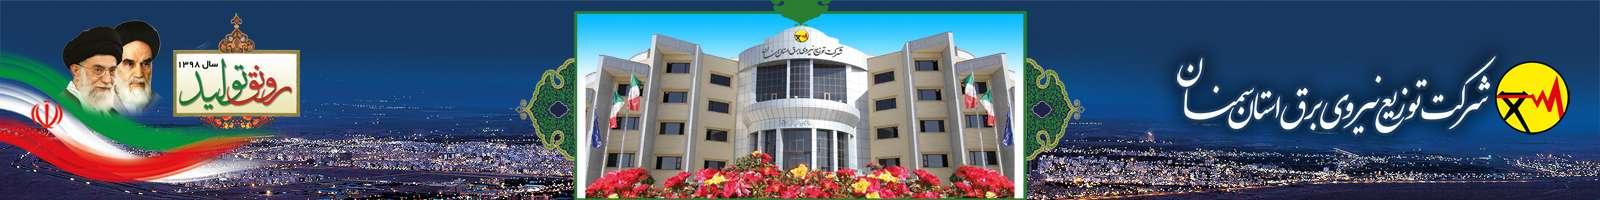 شرکت توزیع نیروی برق استان سمنان